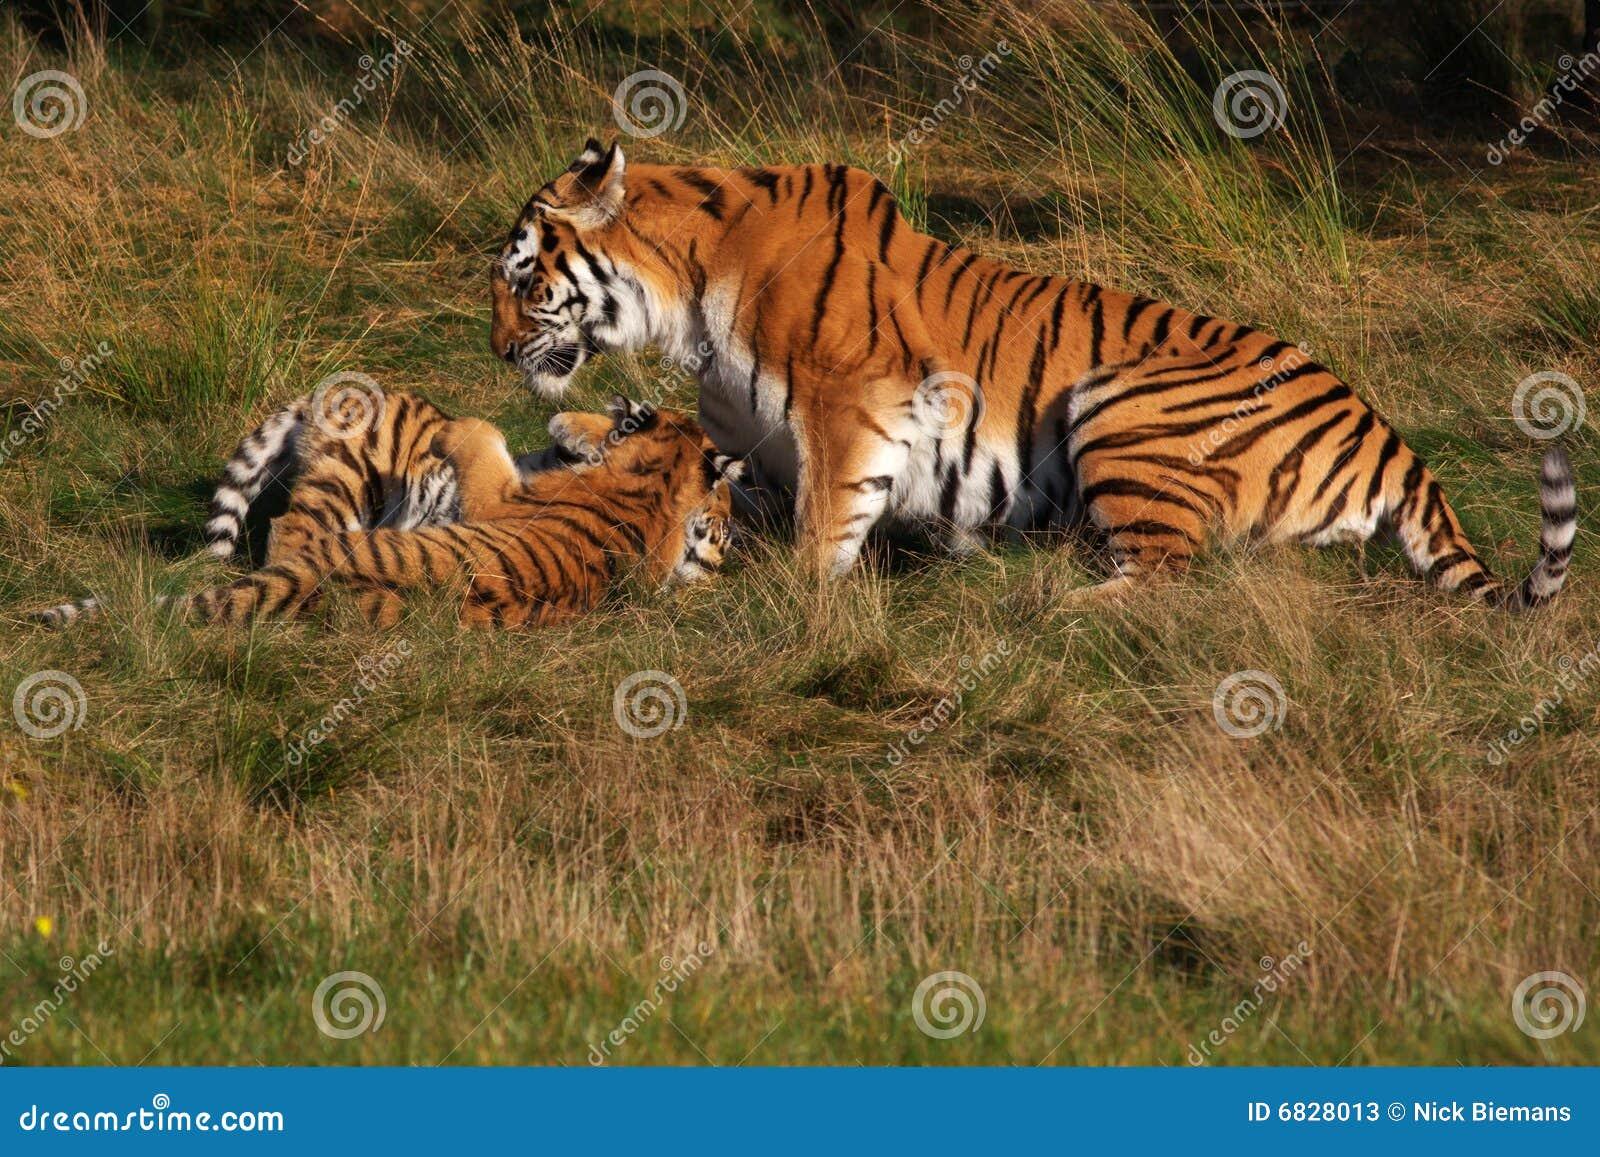 当幼童军西伯利亚老虎